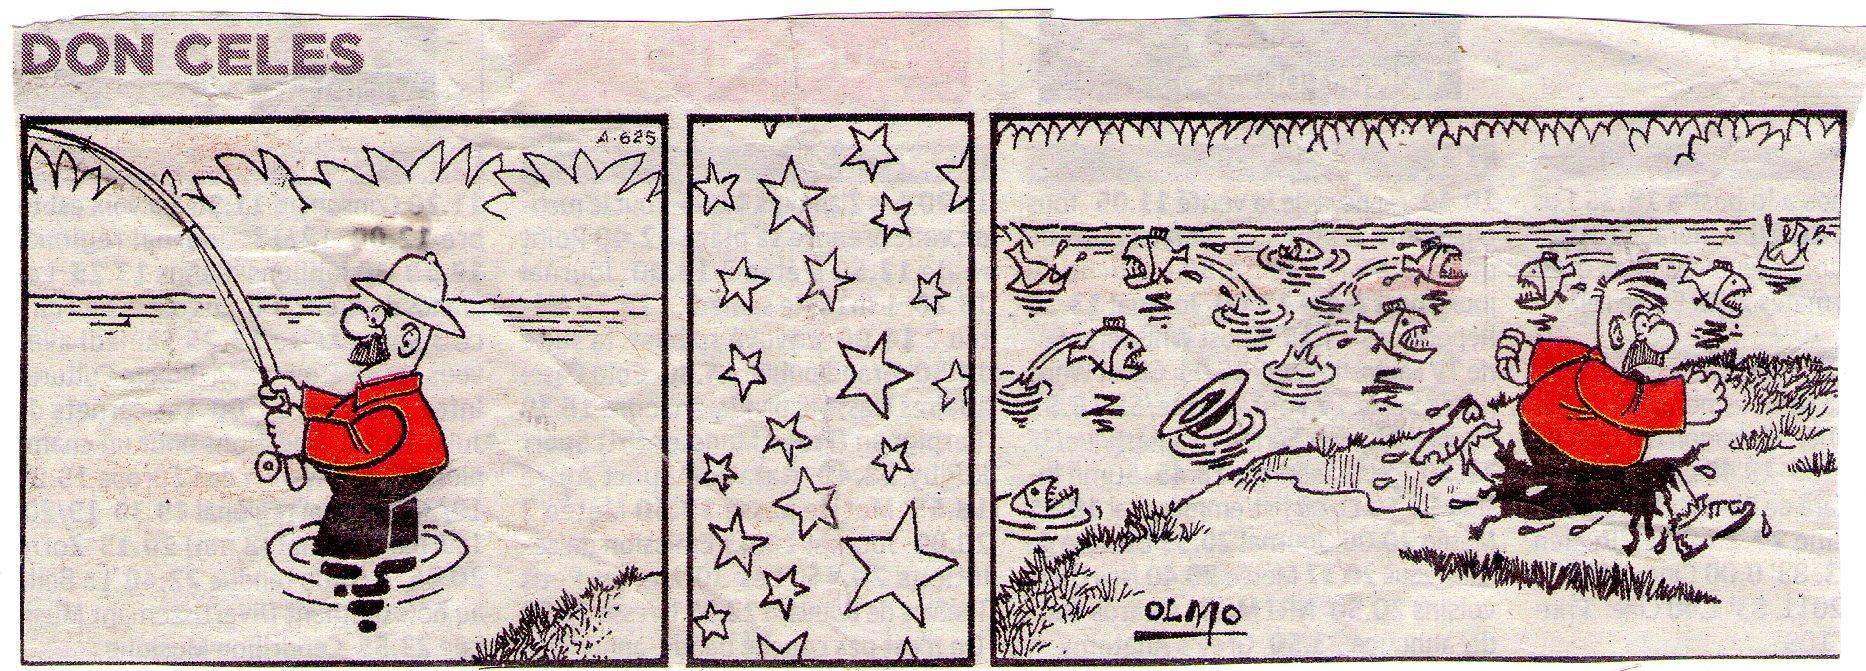 Don Celes pesca pirañas